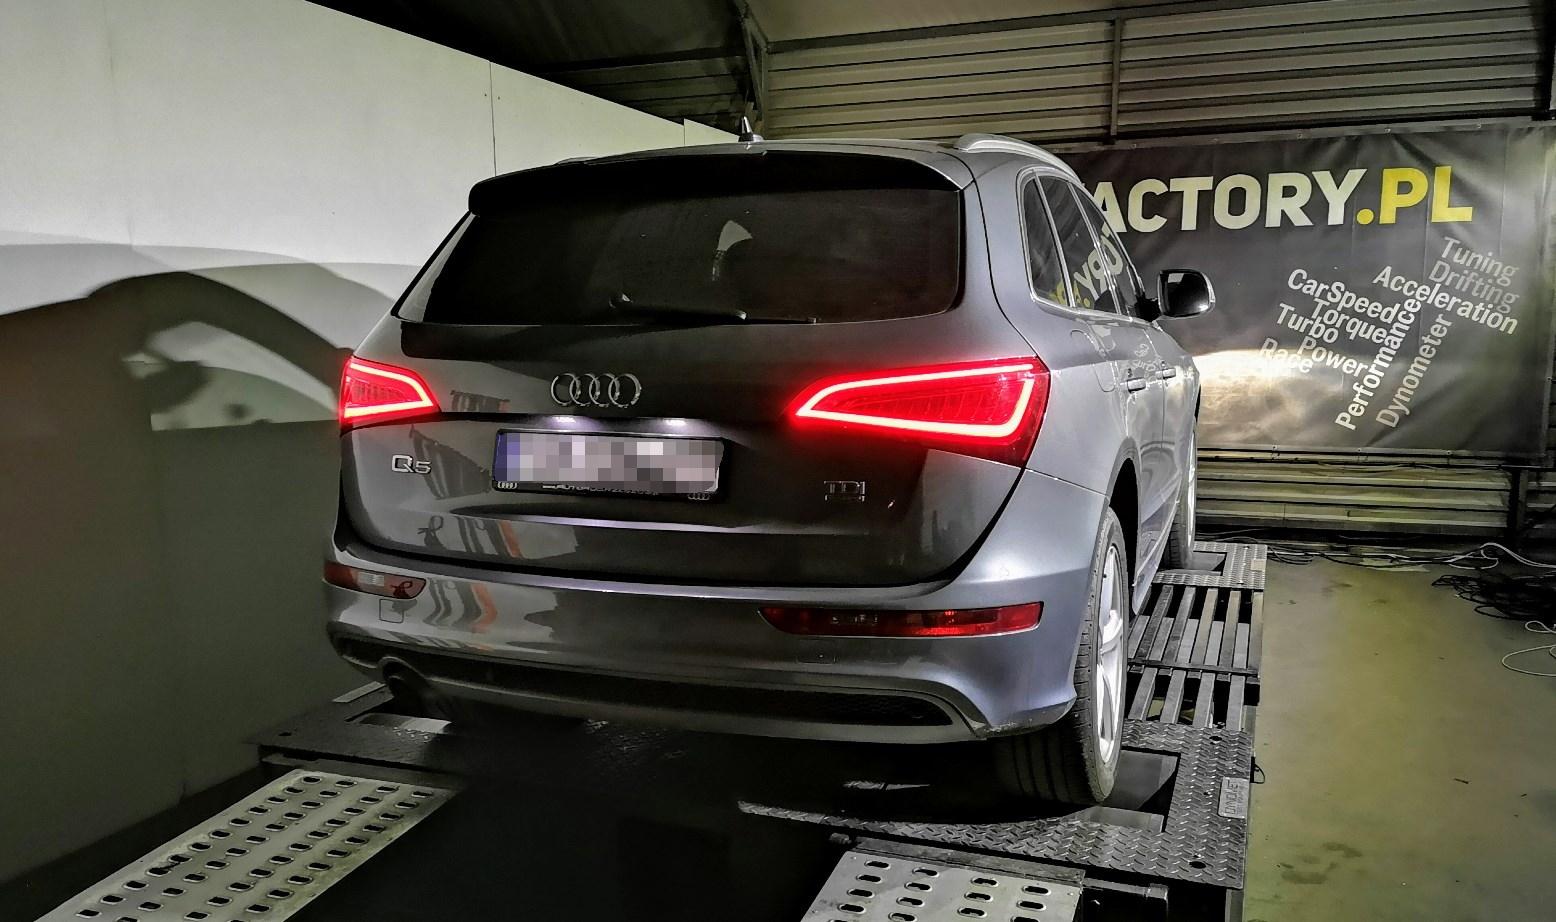 Audi Q5 2.0TDI CGLC 177KM >> 215KM 440Nm